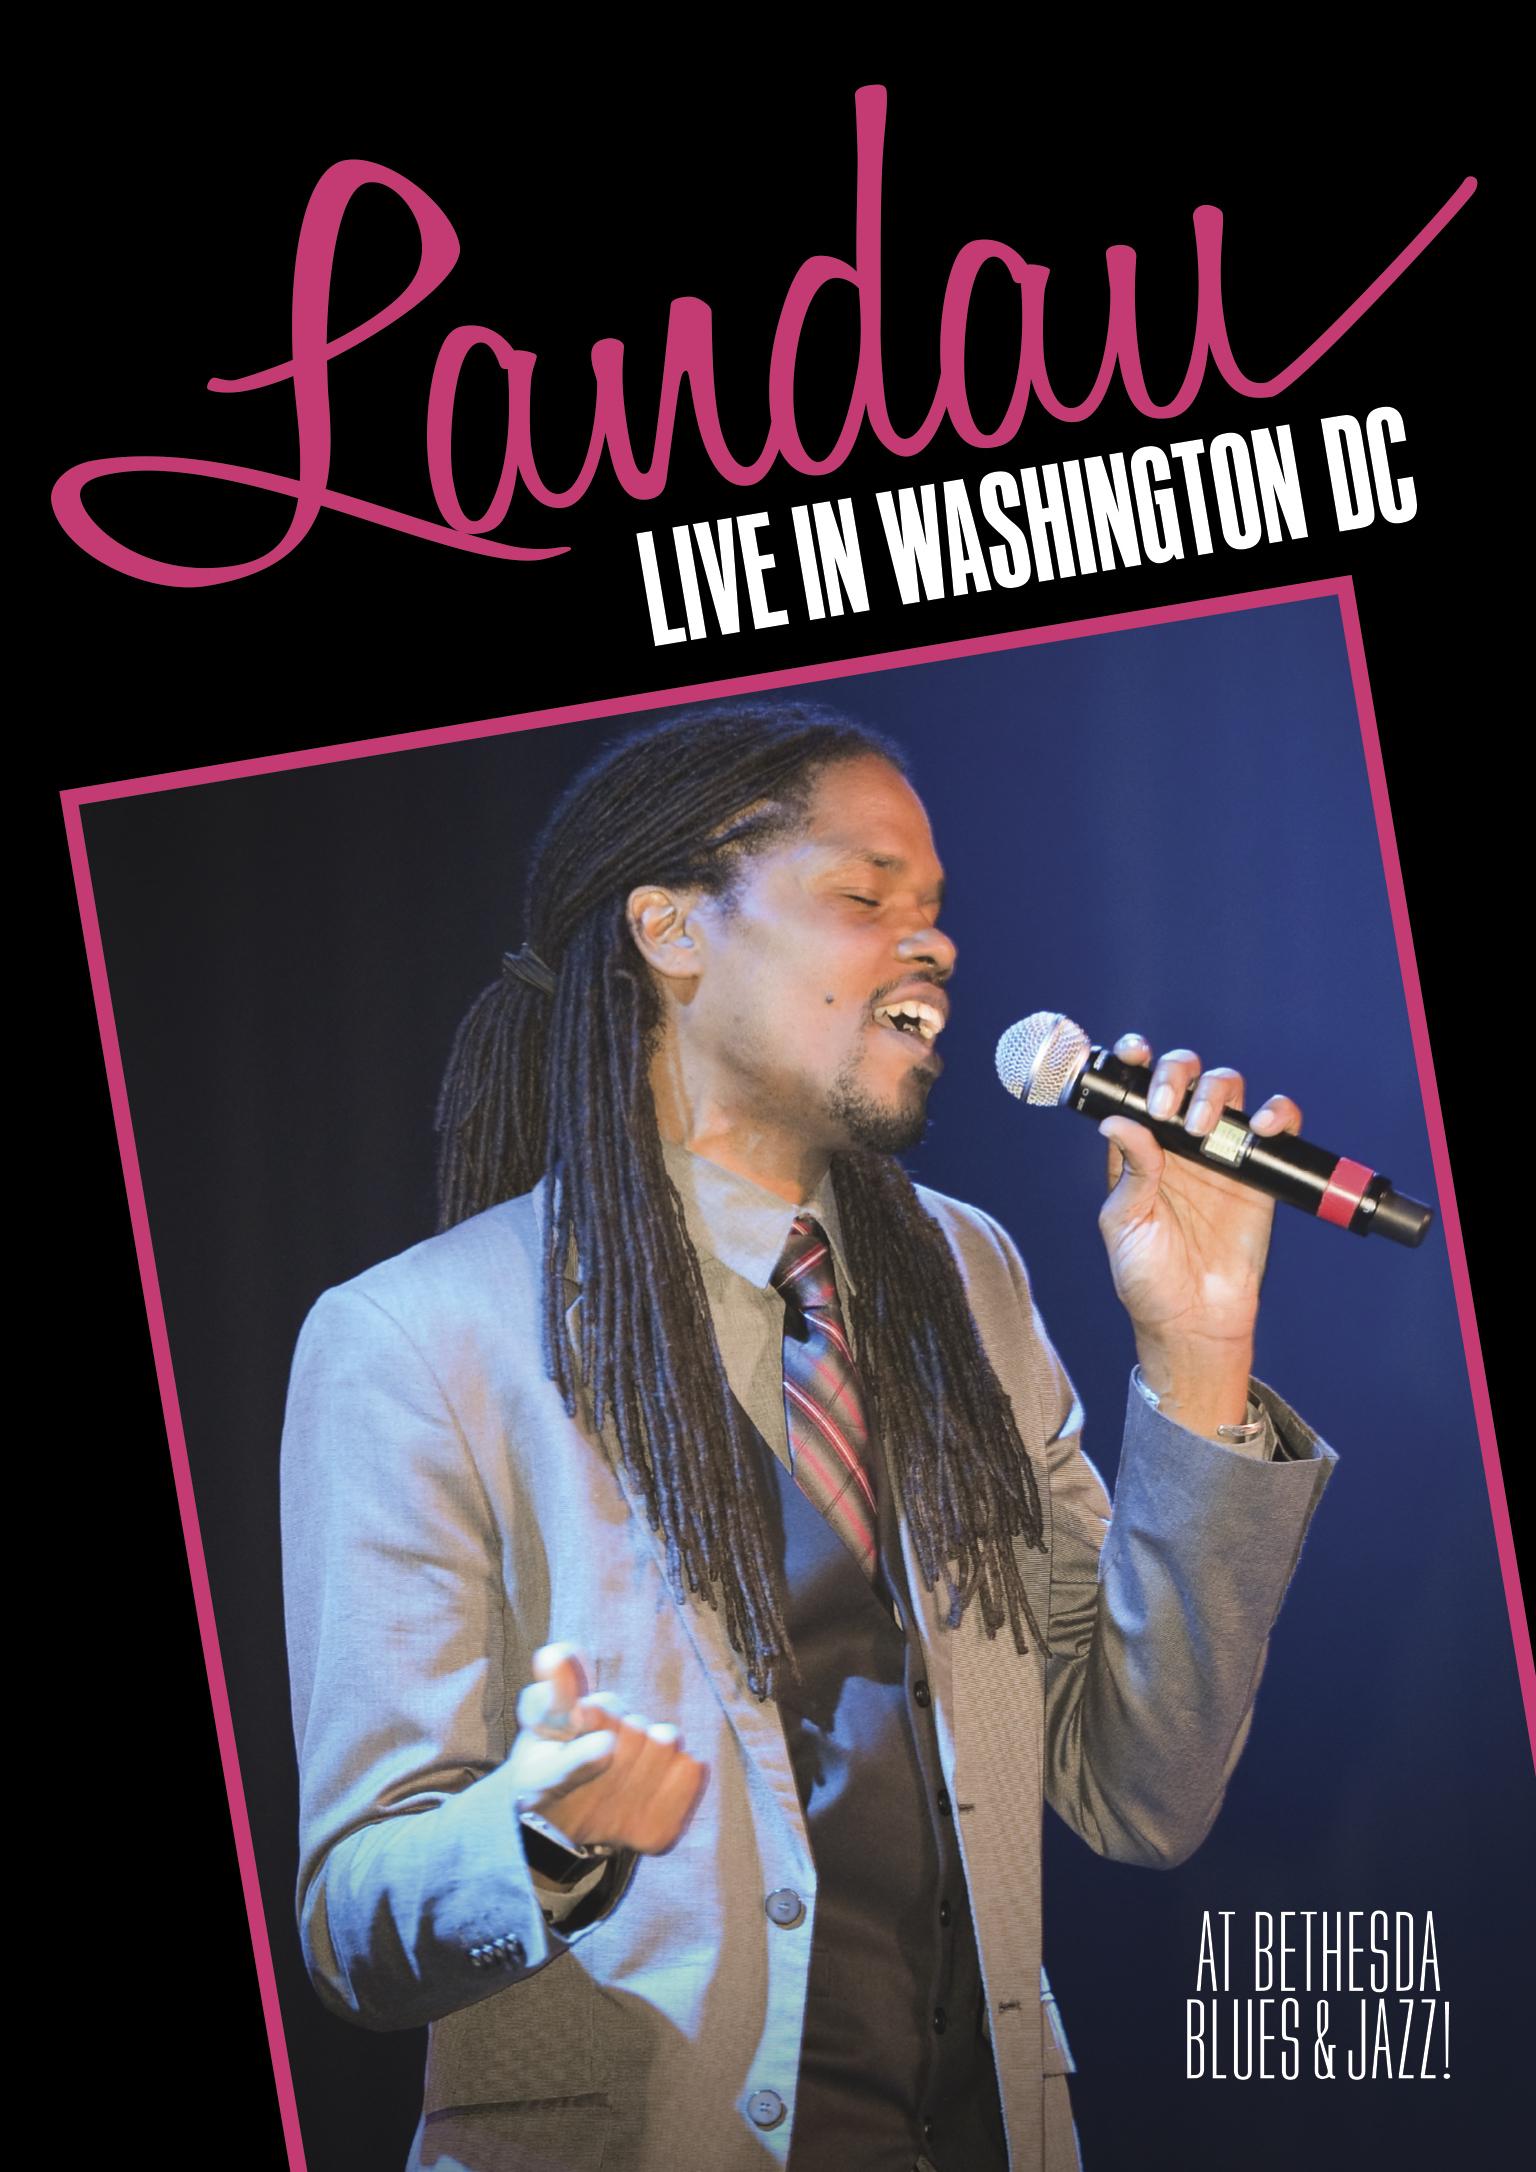 Landau Live in Washington DC